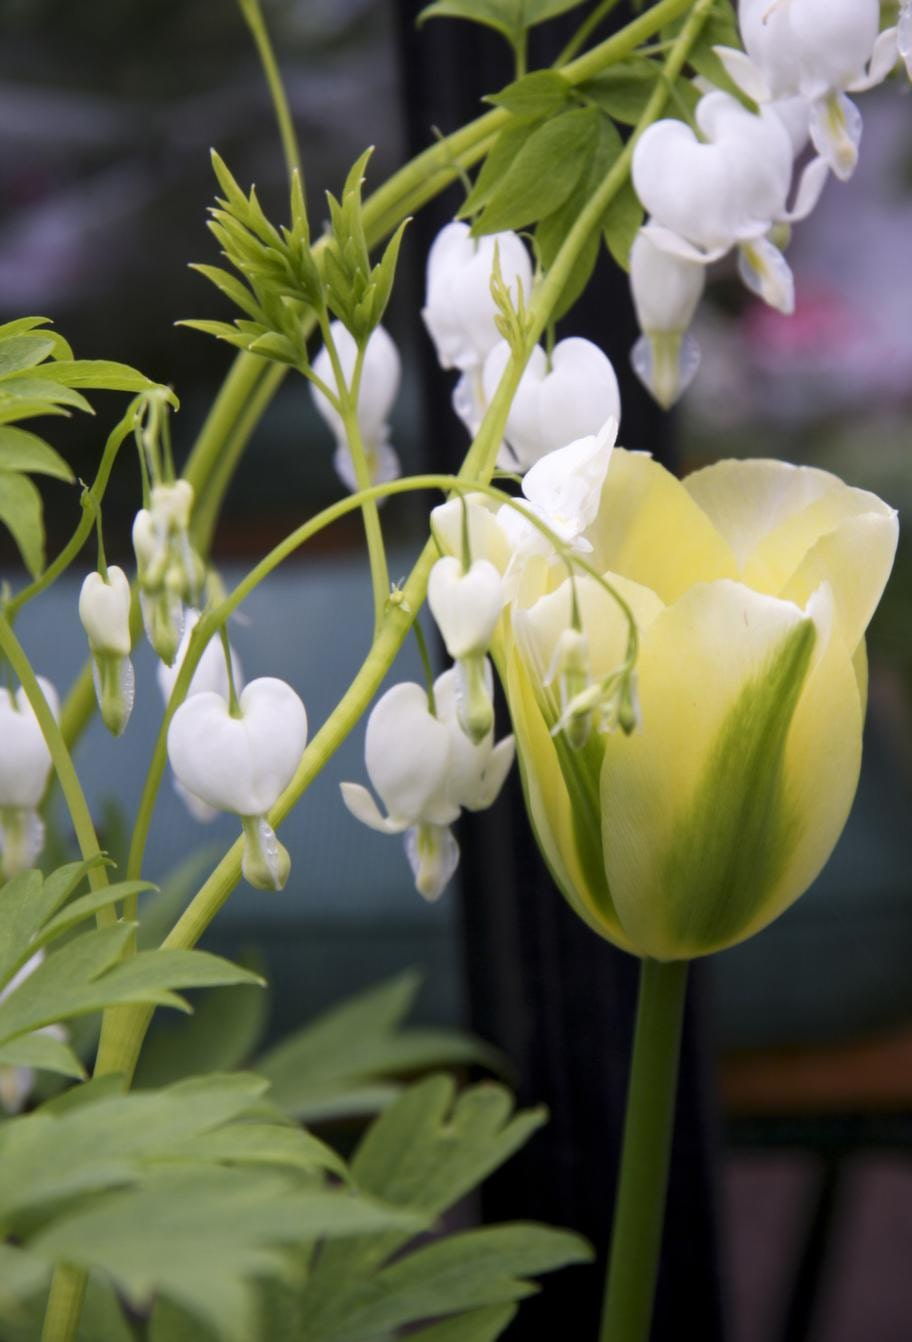 Vackert par.Löjtnantshjärta trivs bra tillsammans med tulpaner. Här det vita löjtnantshjärtat tillsammans med 'Spring Green'.